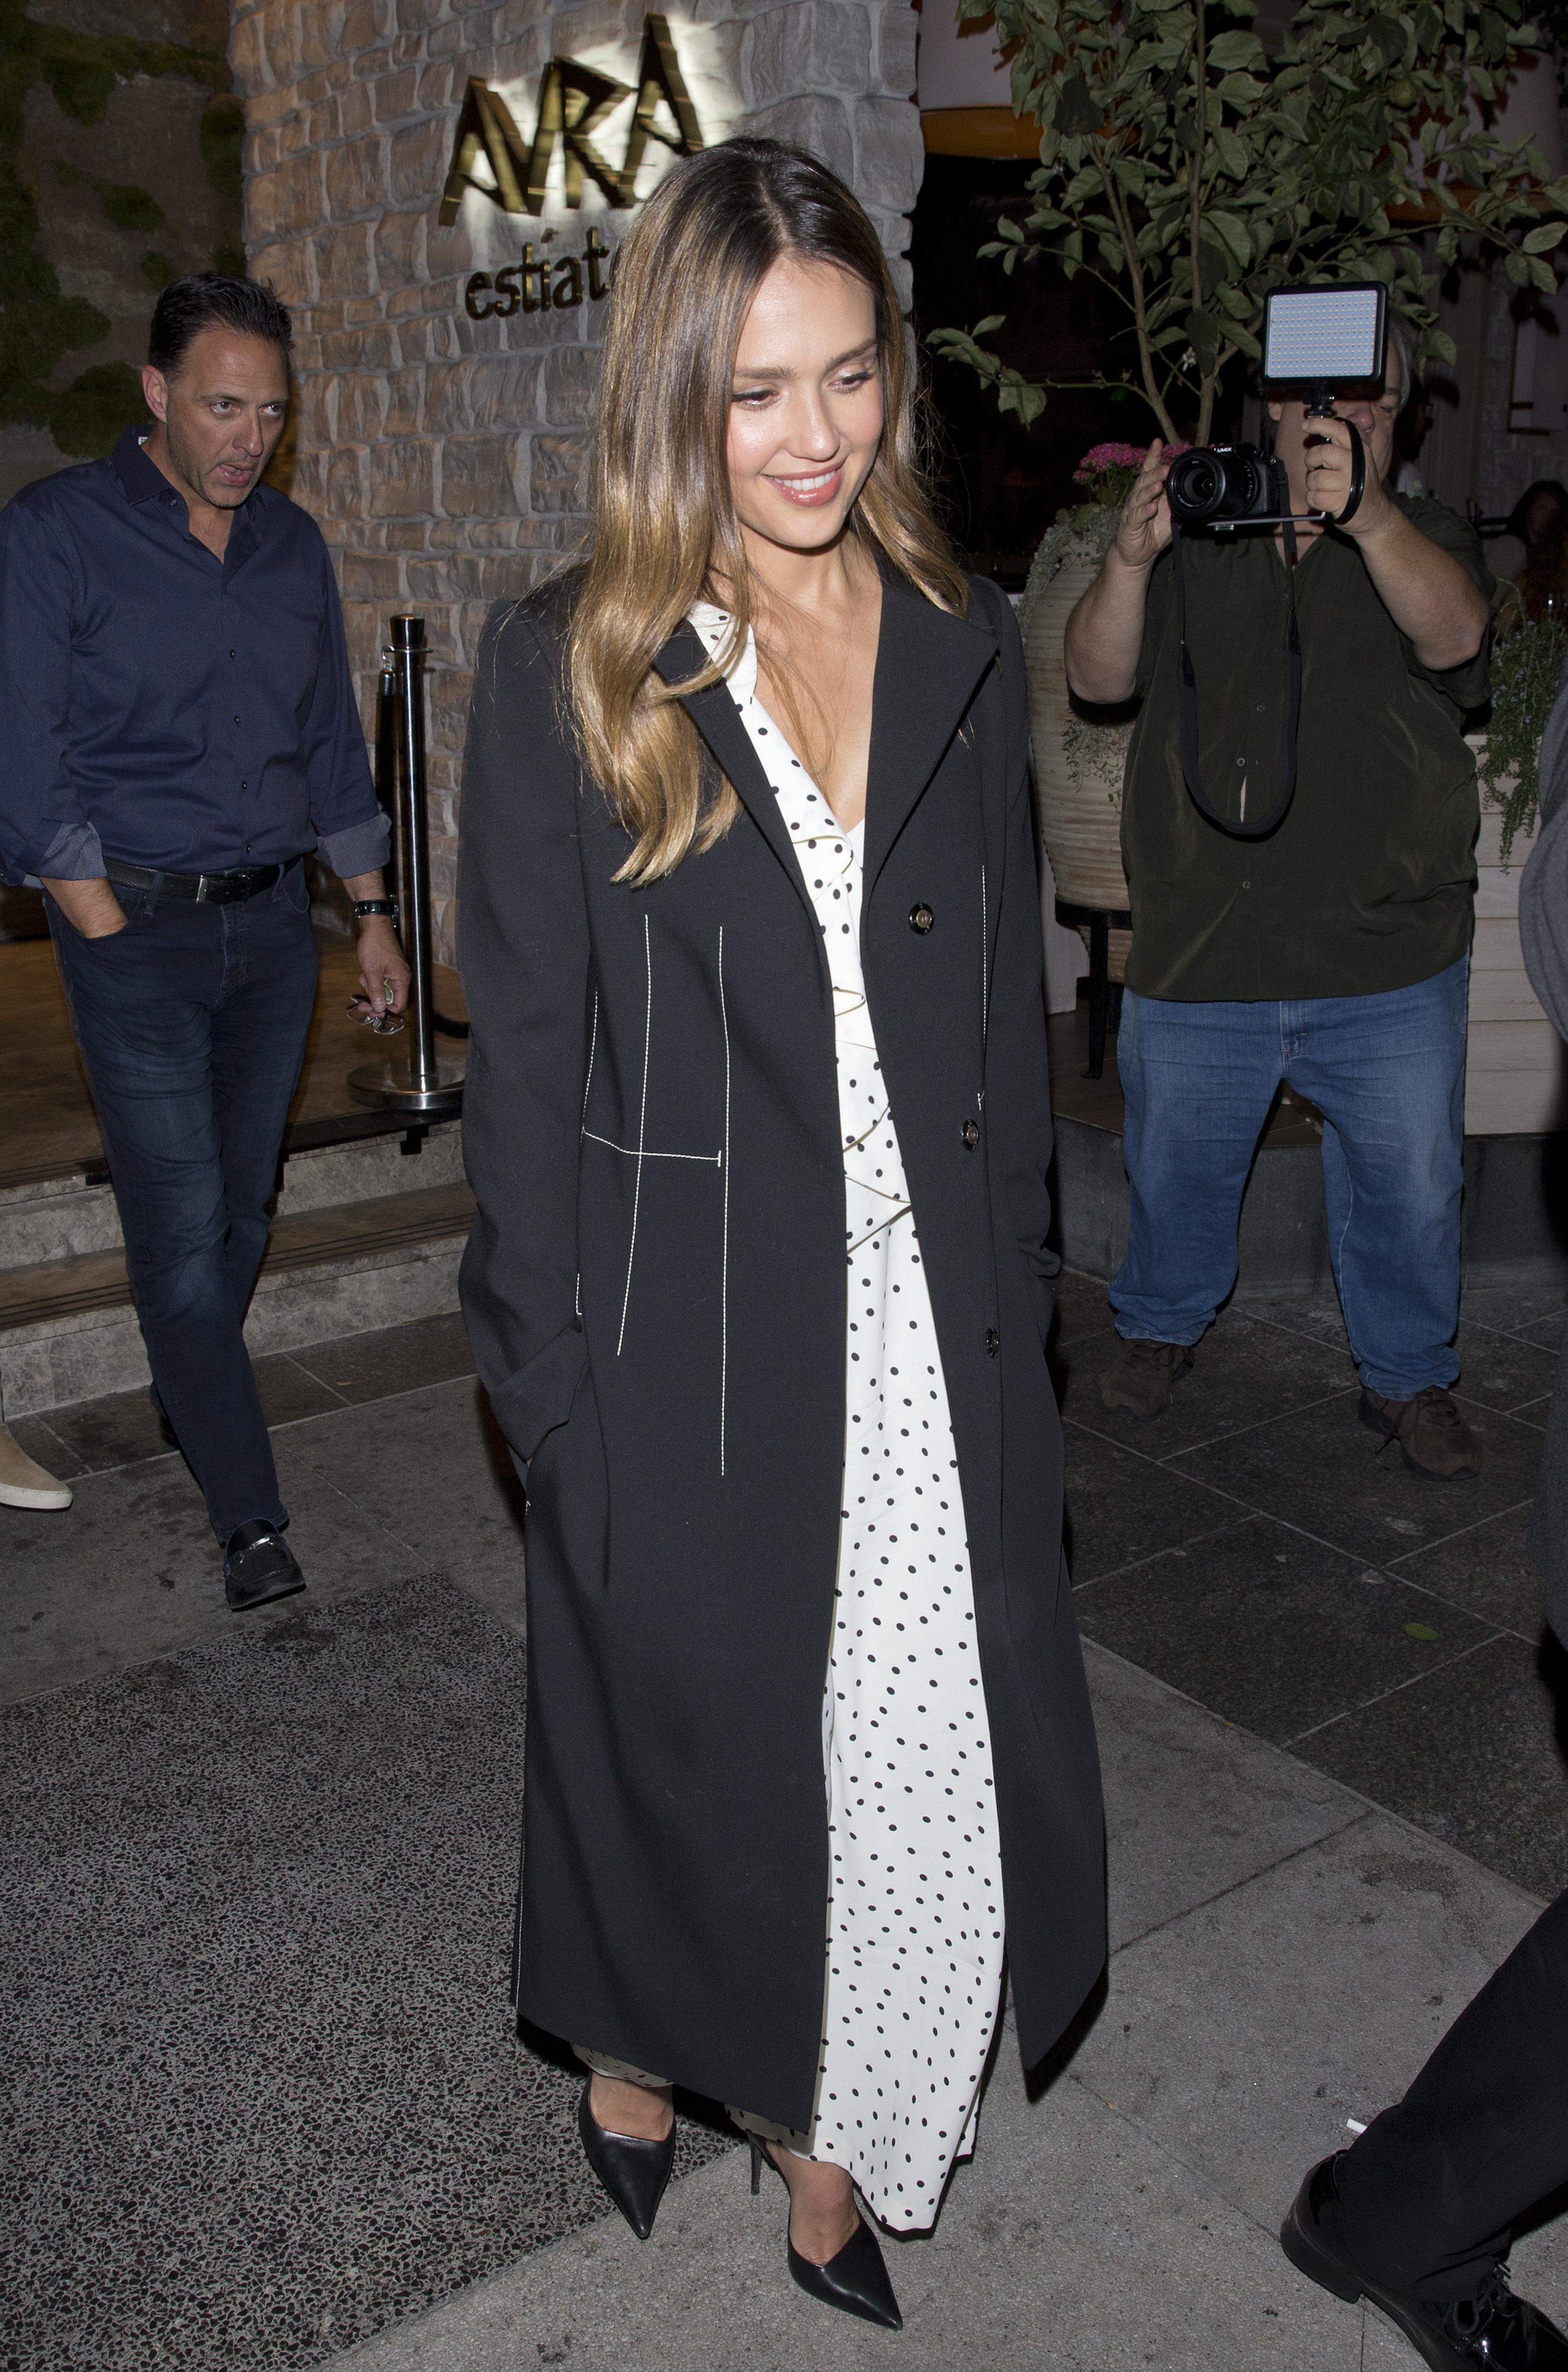 Jessica Alba leaves dinner in Beverly Hills on Sept. 18, 2018.